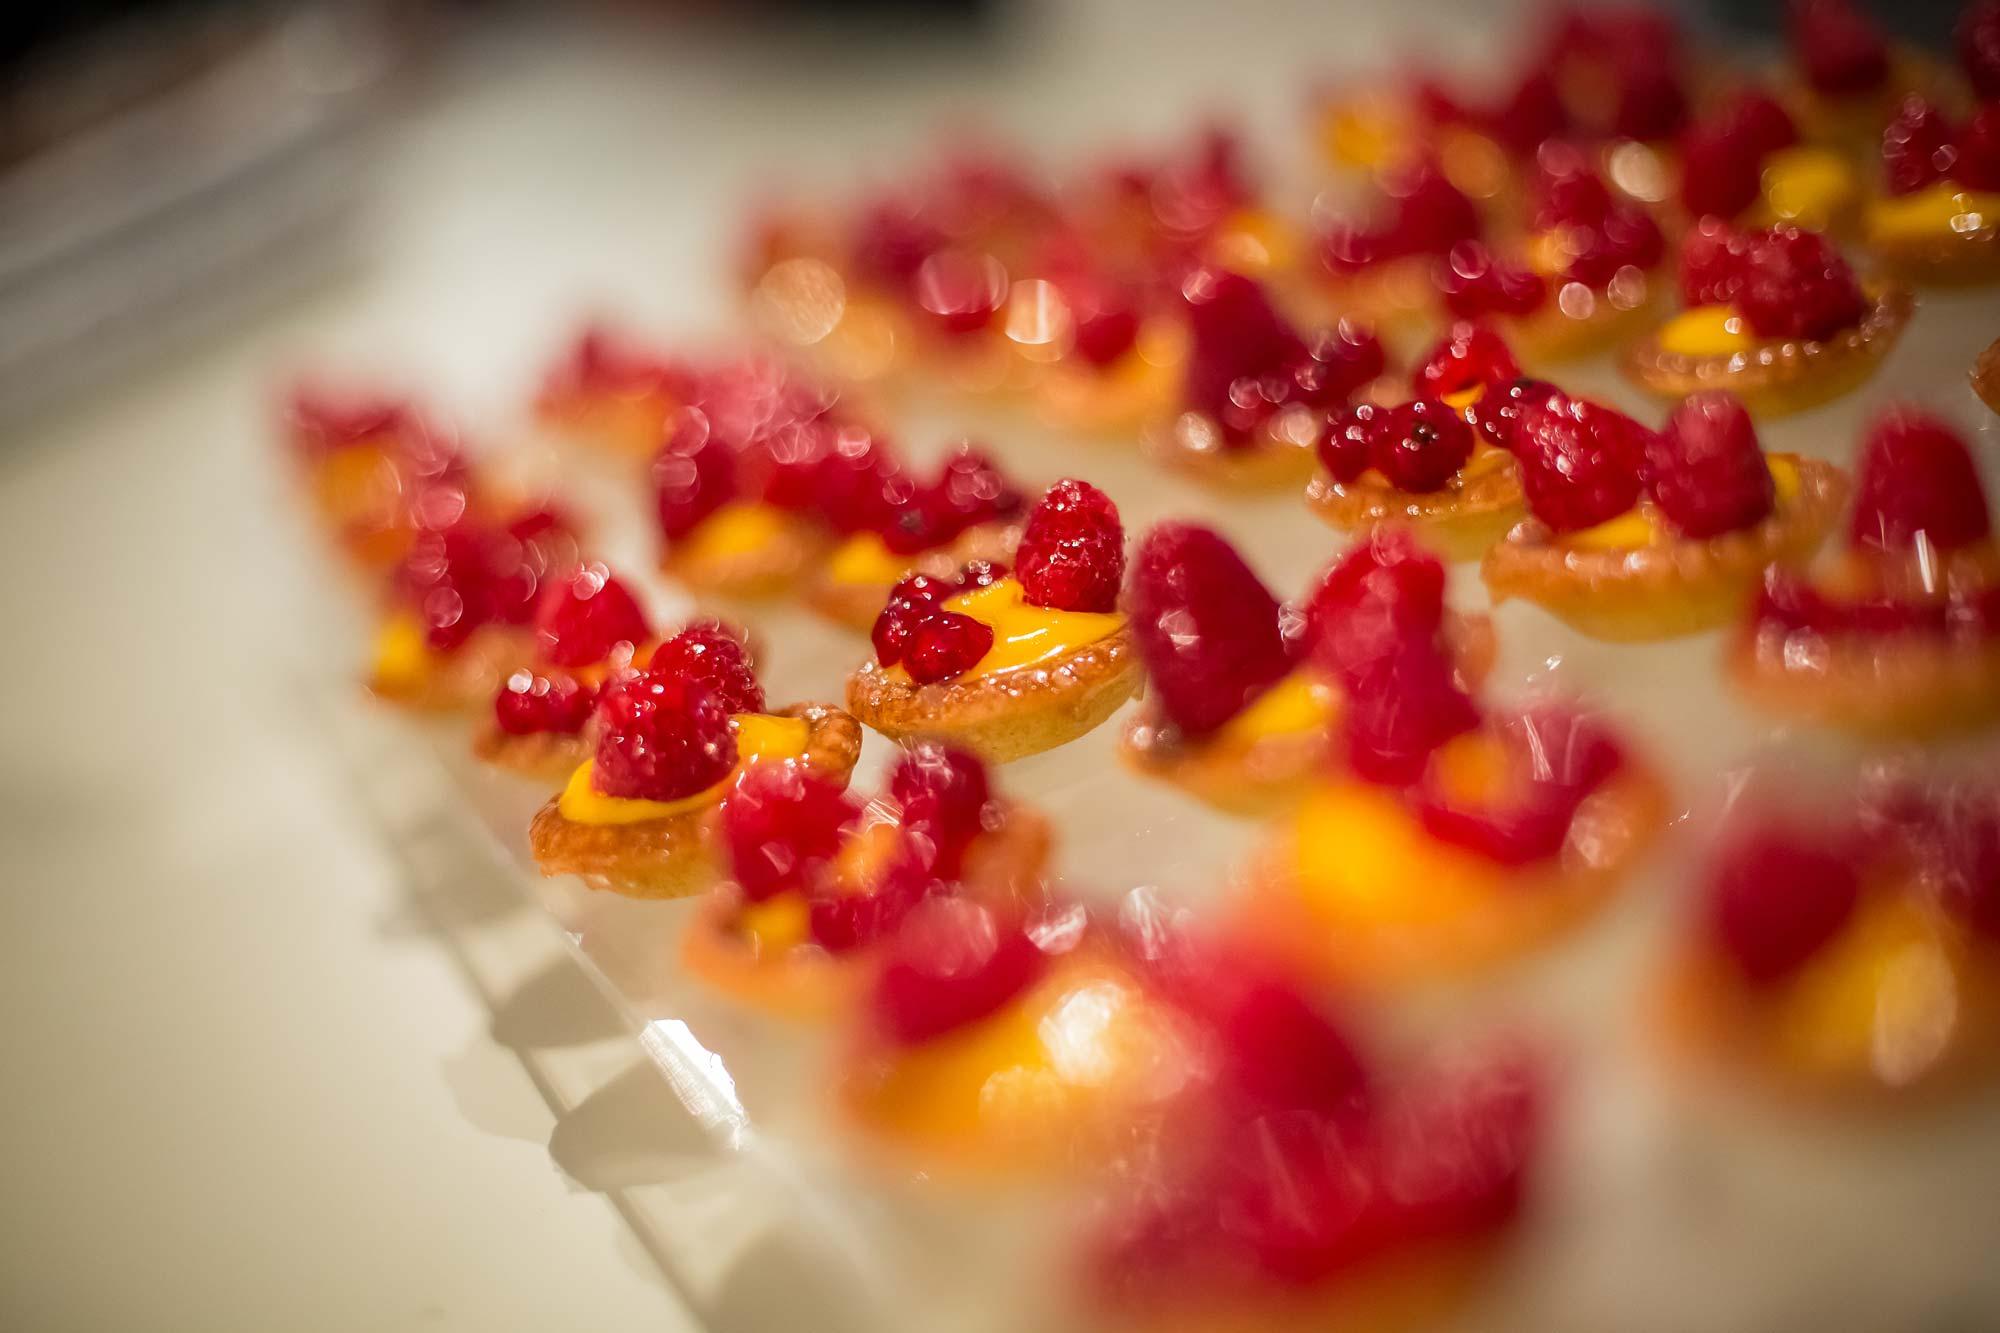 marioneri_ristorantino_secchiainvilla_catering